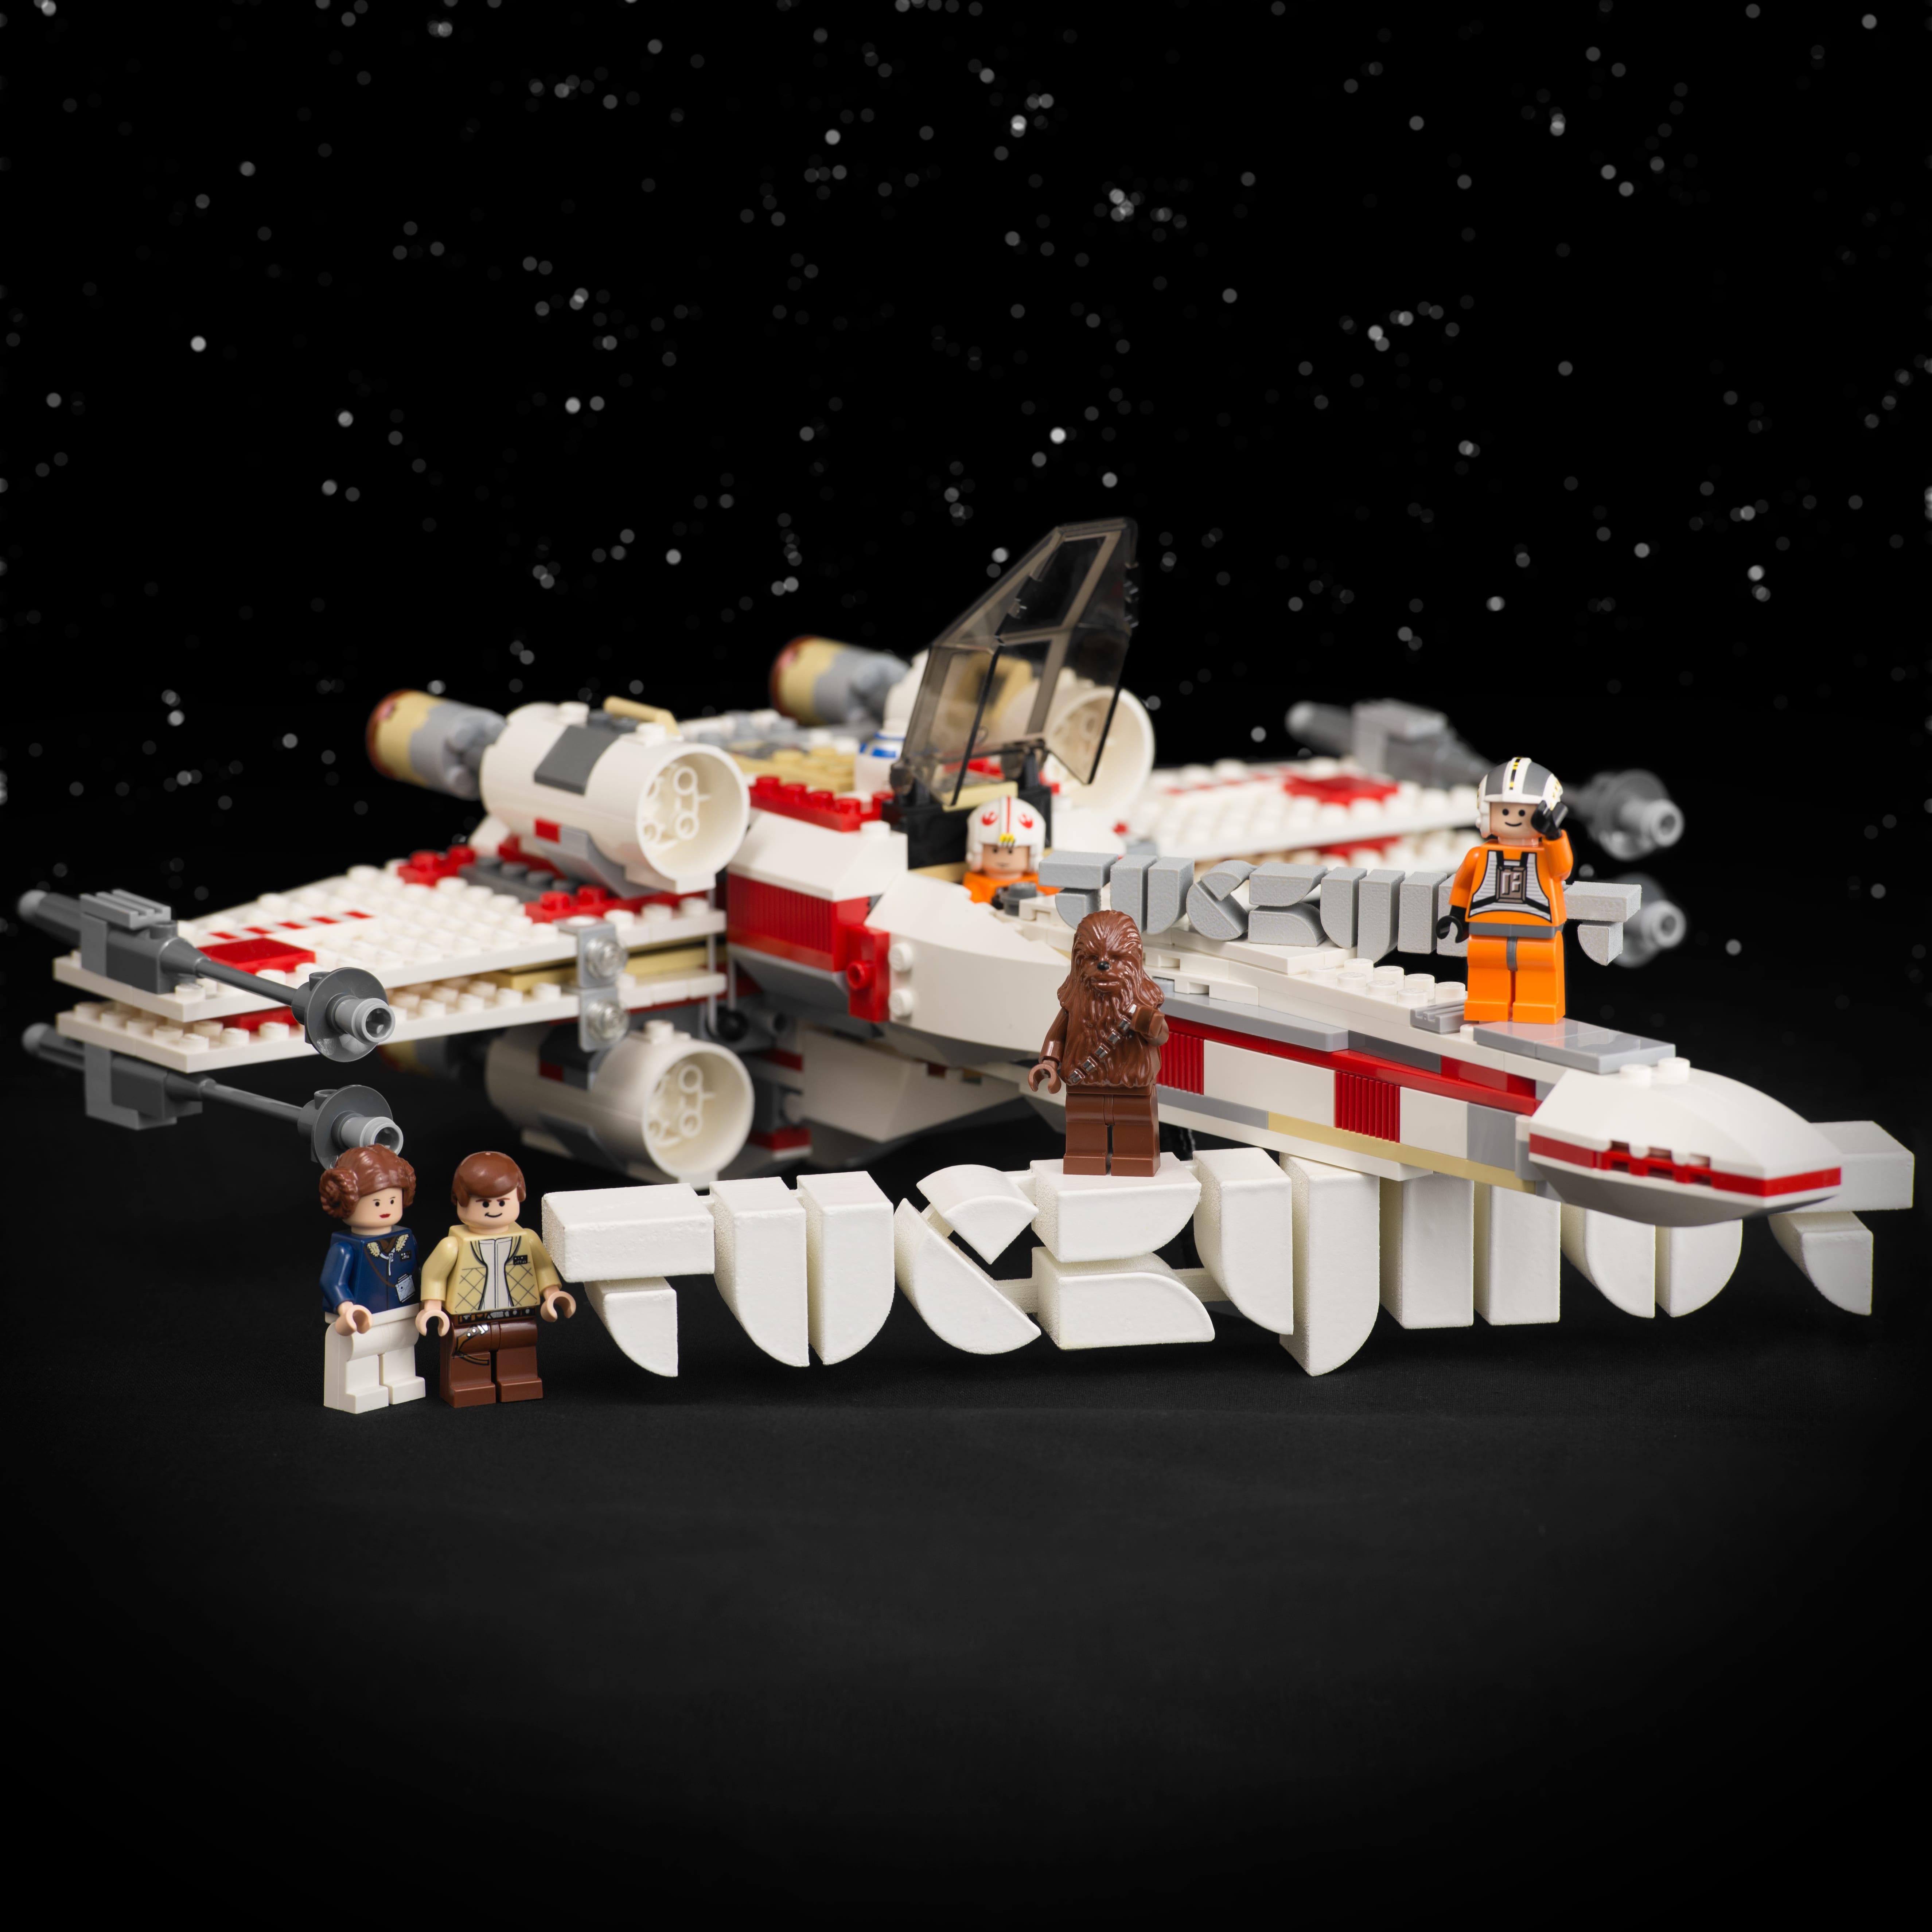 Tuckyhut 3D Logos X-Wing and Crew